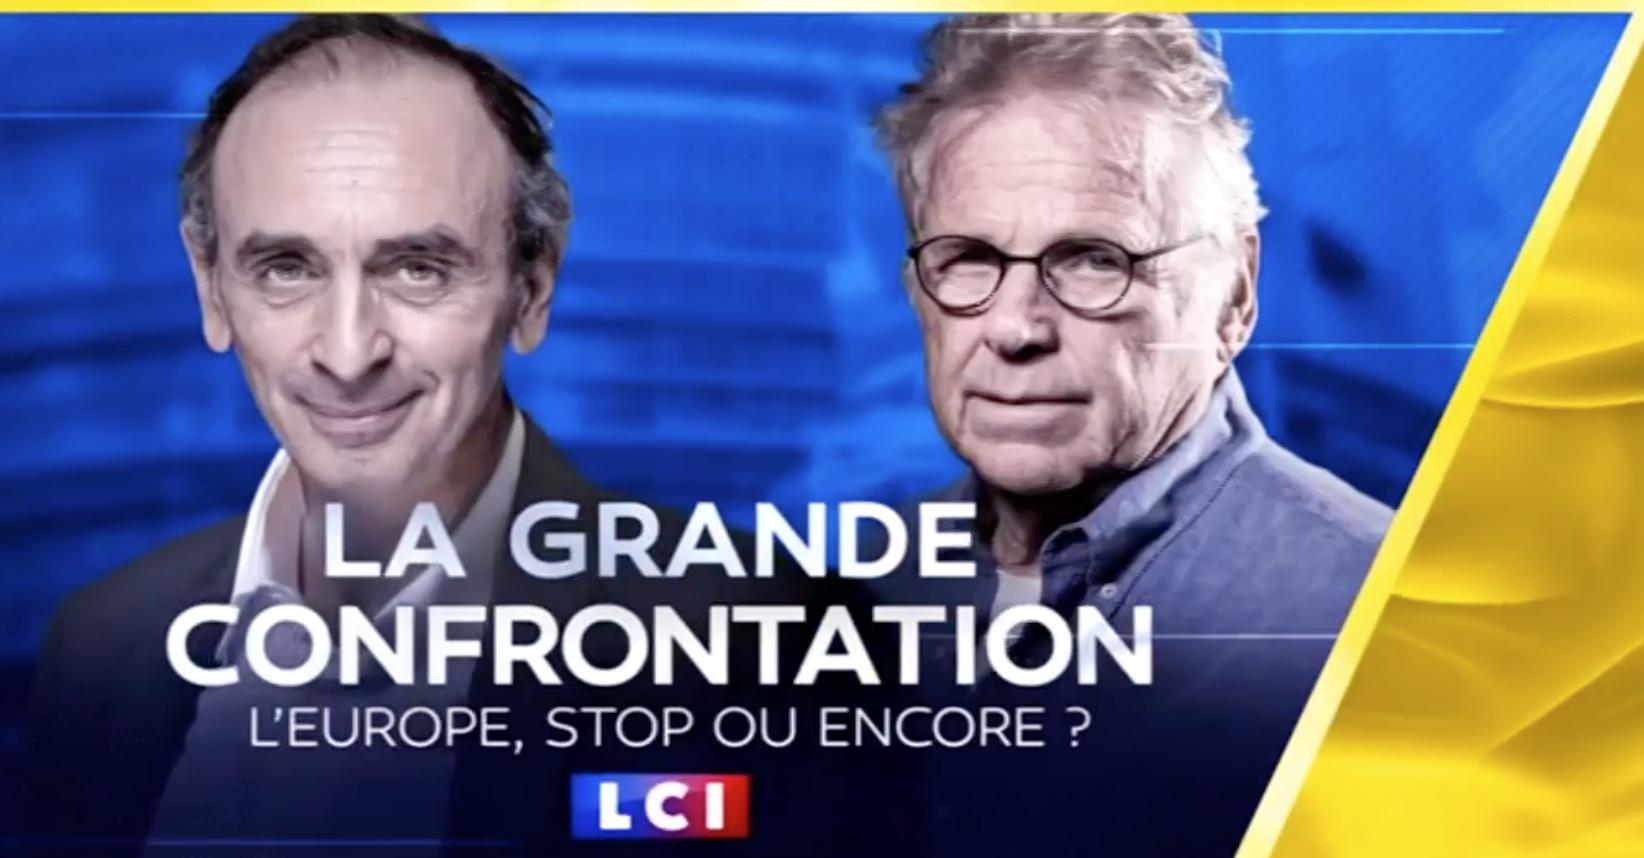 Zemmour-Cohn Bendit :le débat qu'il faut voir pour tout comprendre de l'UE et de l'avenir de la France